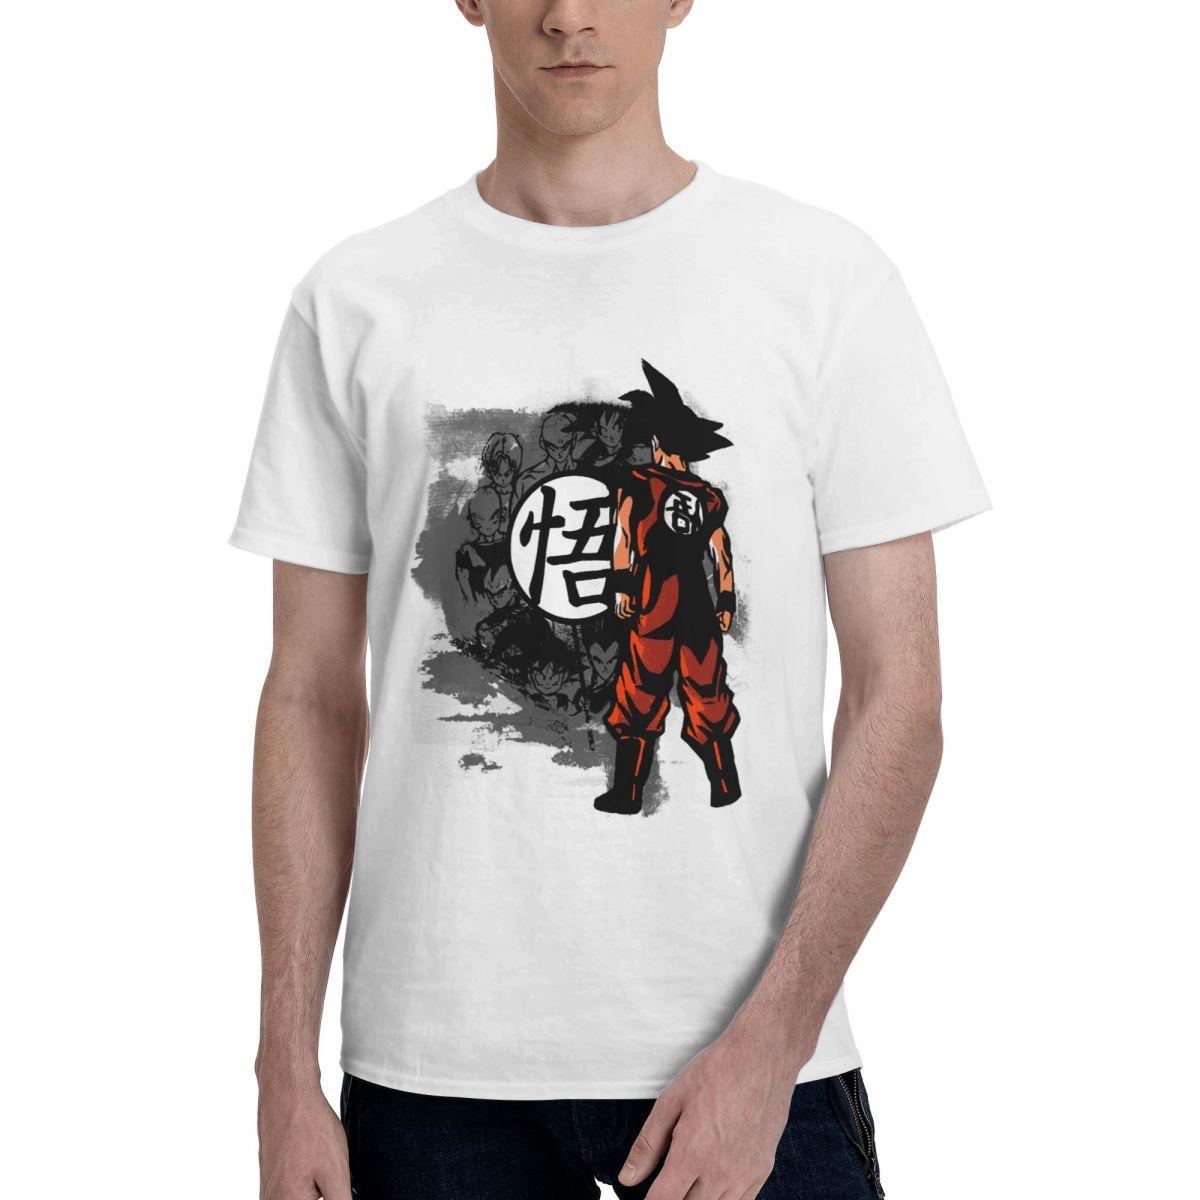 جوكو بانداي لعبة دراغون بول Z تي شيرت الرجال أنيمي سوبر سايان الترفيه 100% القطن تي شيرت قصيرة الأكمام تي شيرت حجم كبير الملابس